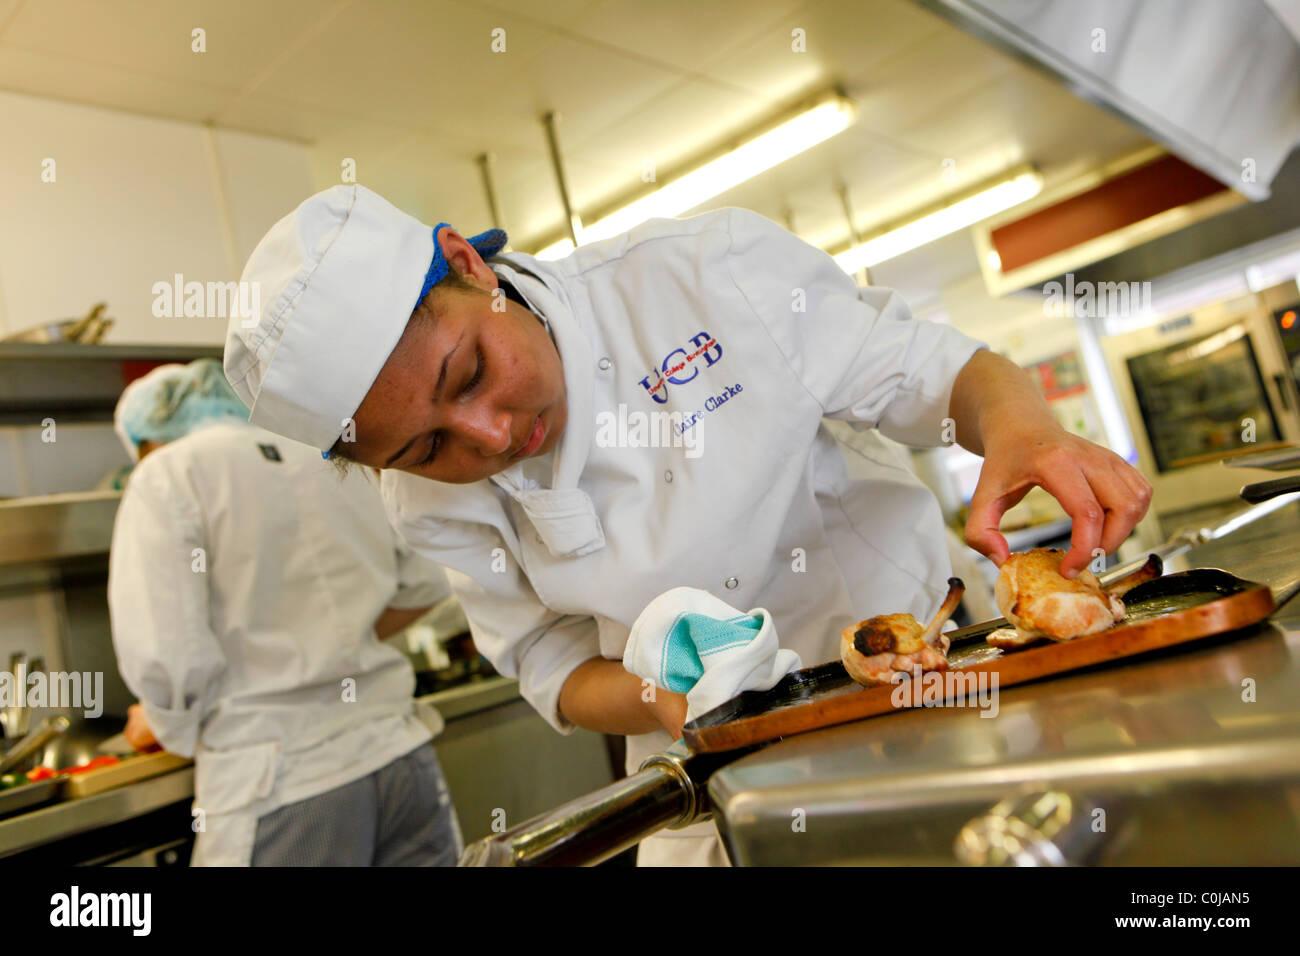 Köche in einer Küche an einem College für weitere und höhere Ausbildung Stockbild